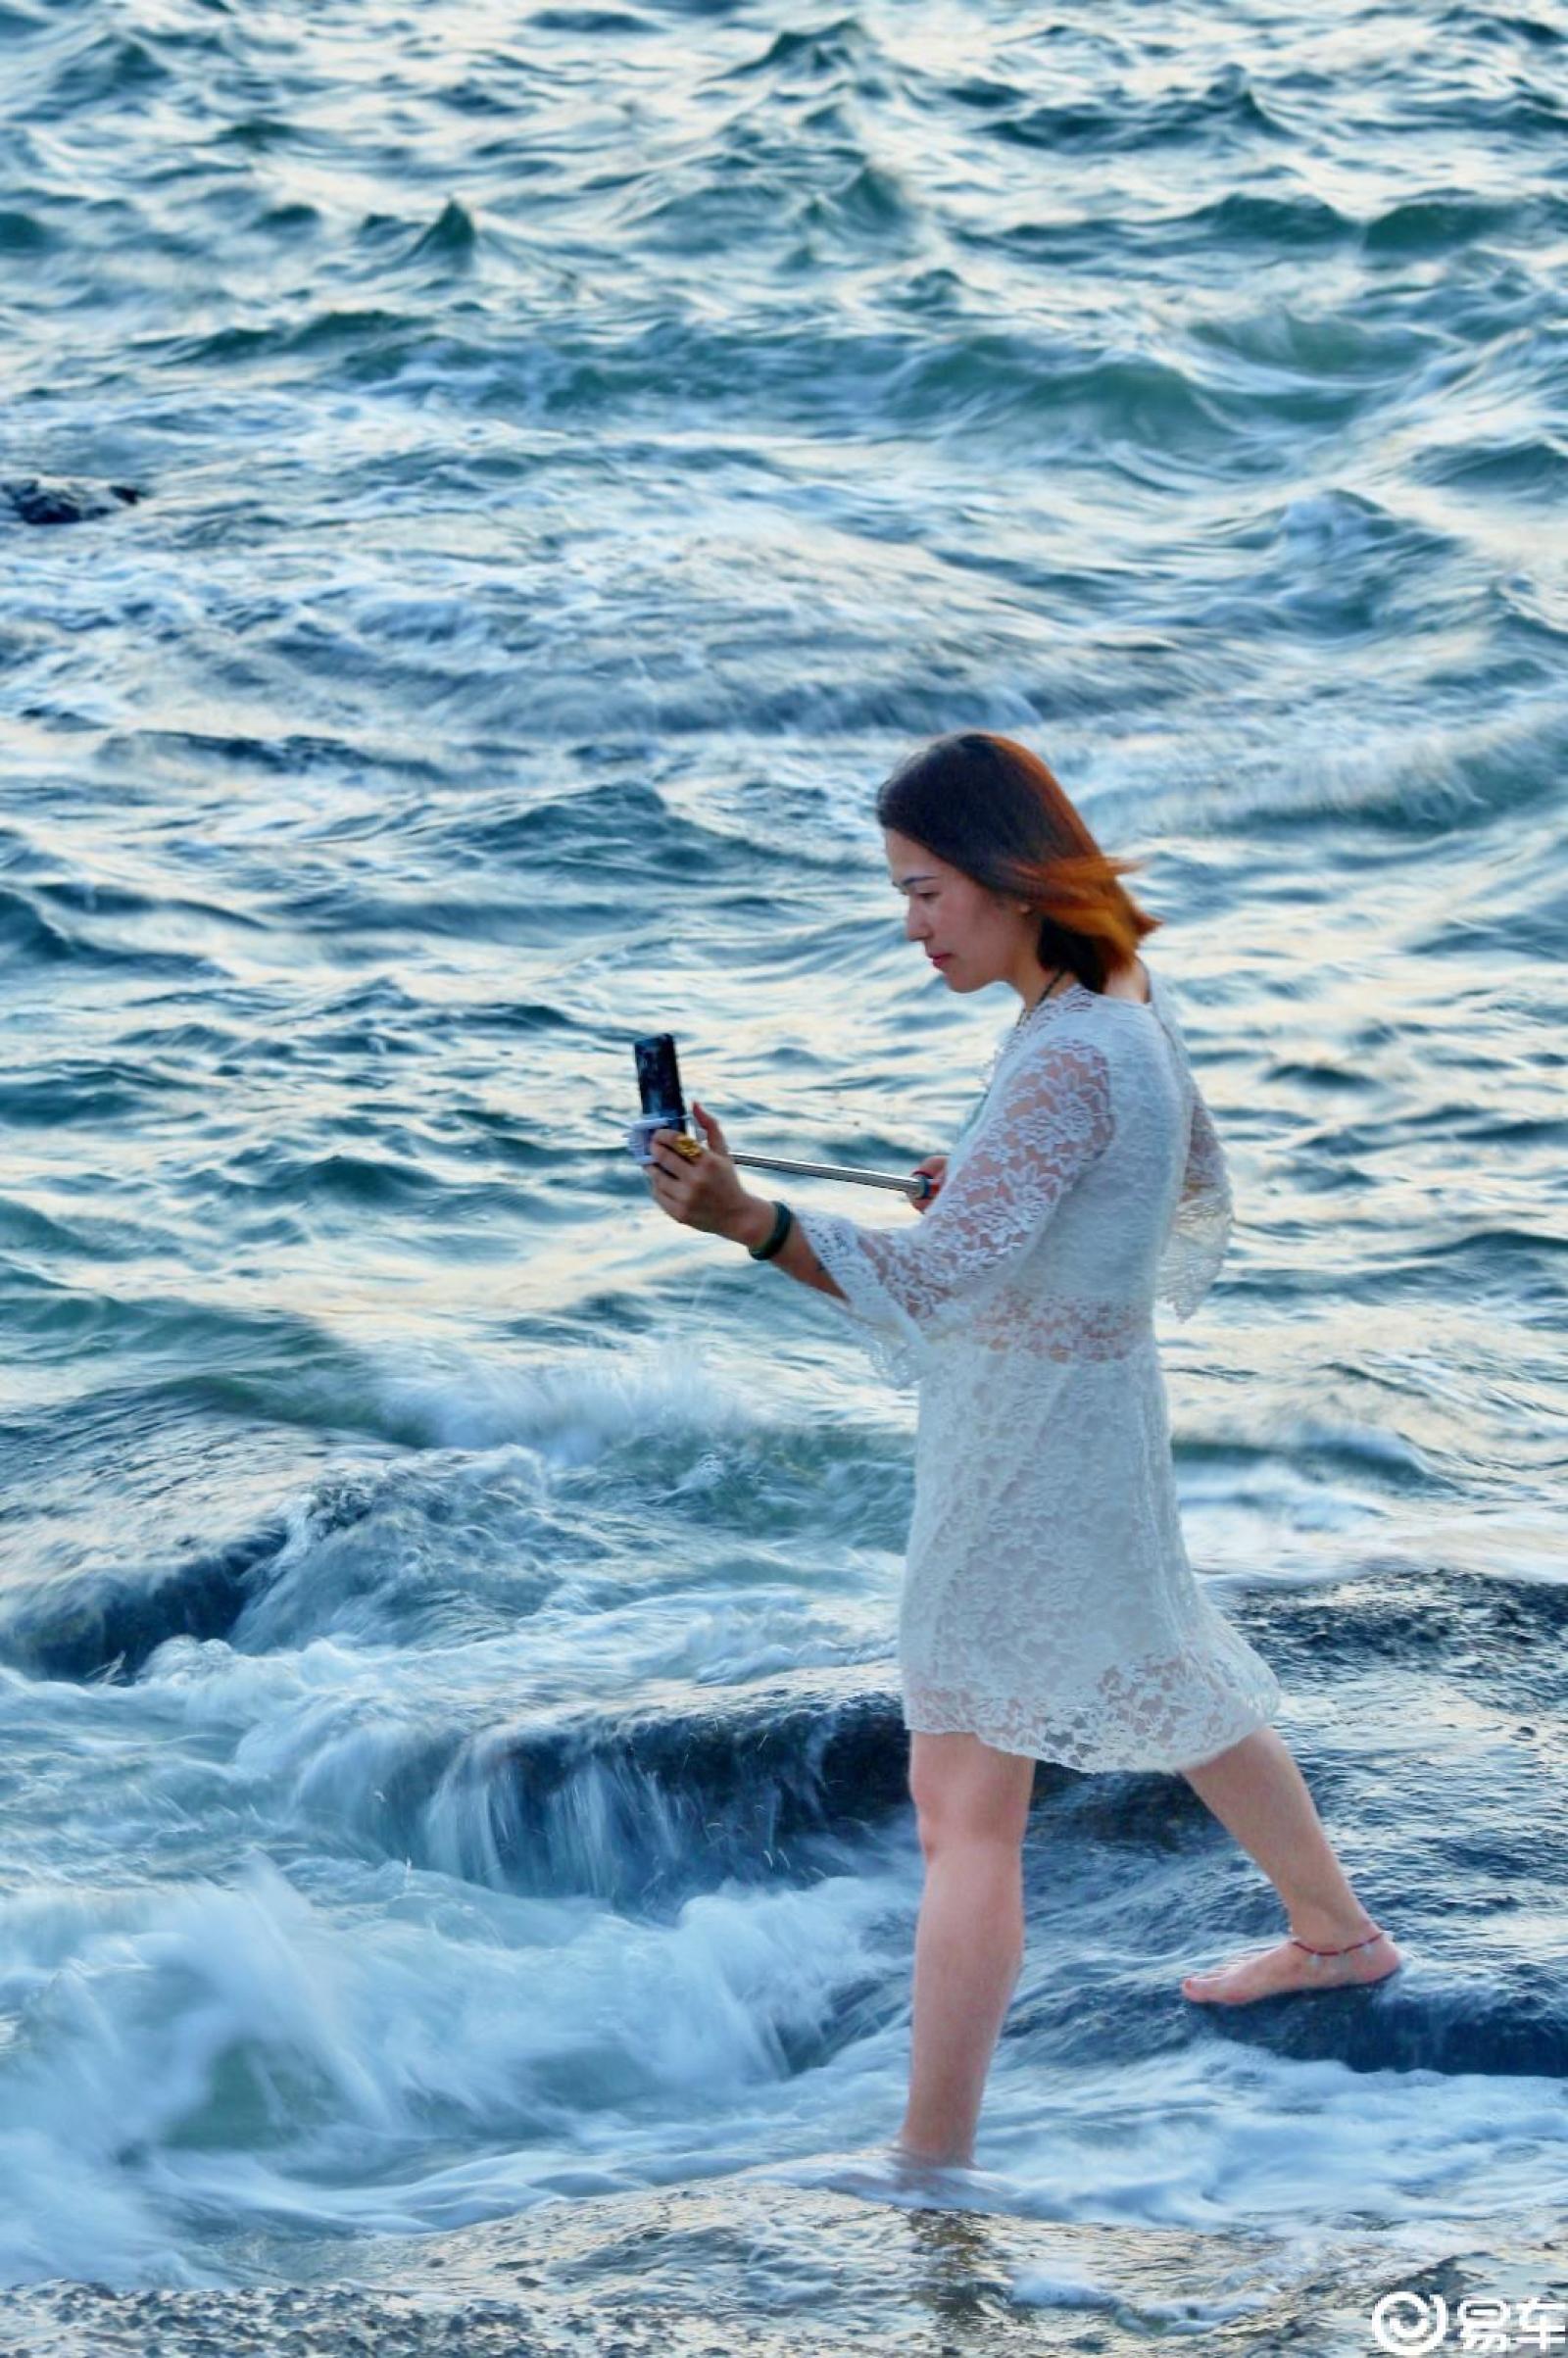 【十一海边游3】海边的人文和拍婚纱照的帅哥靓妹